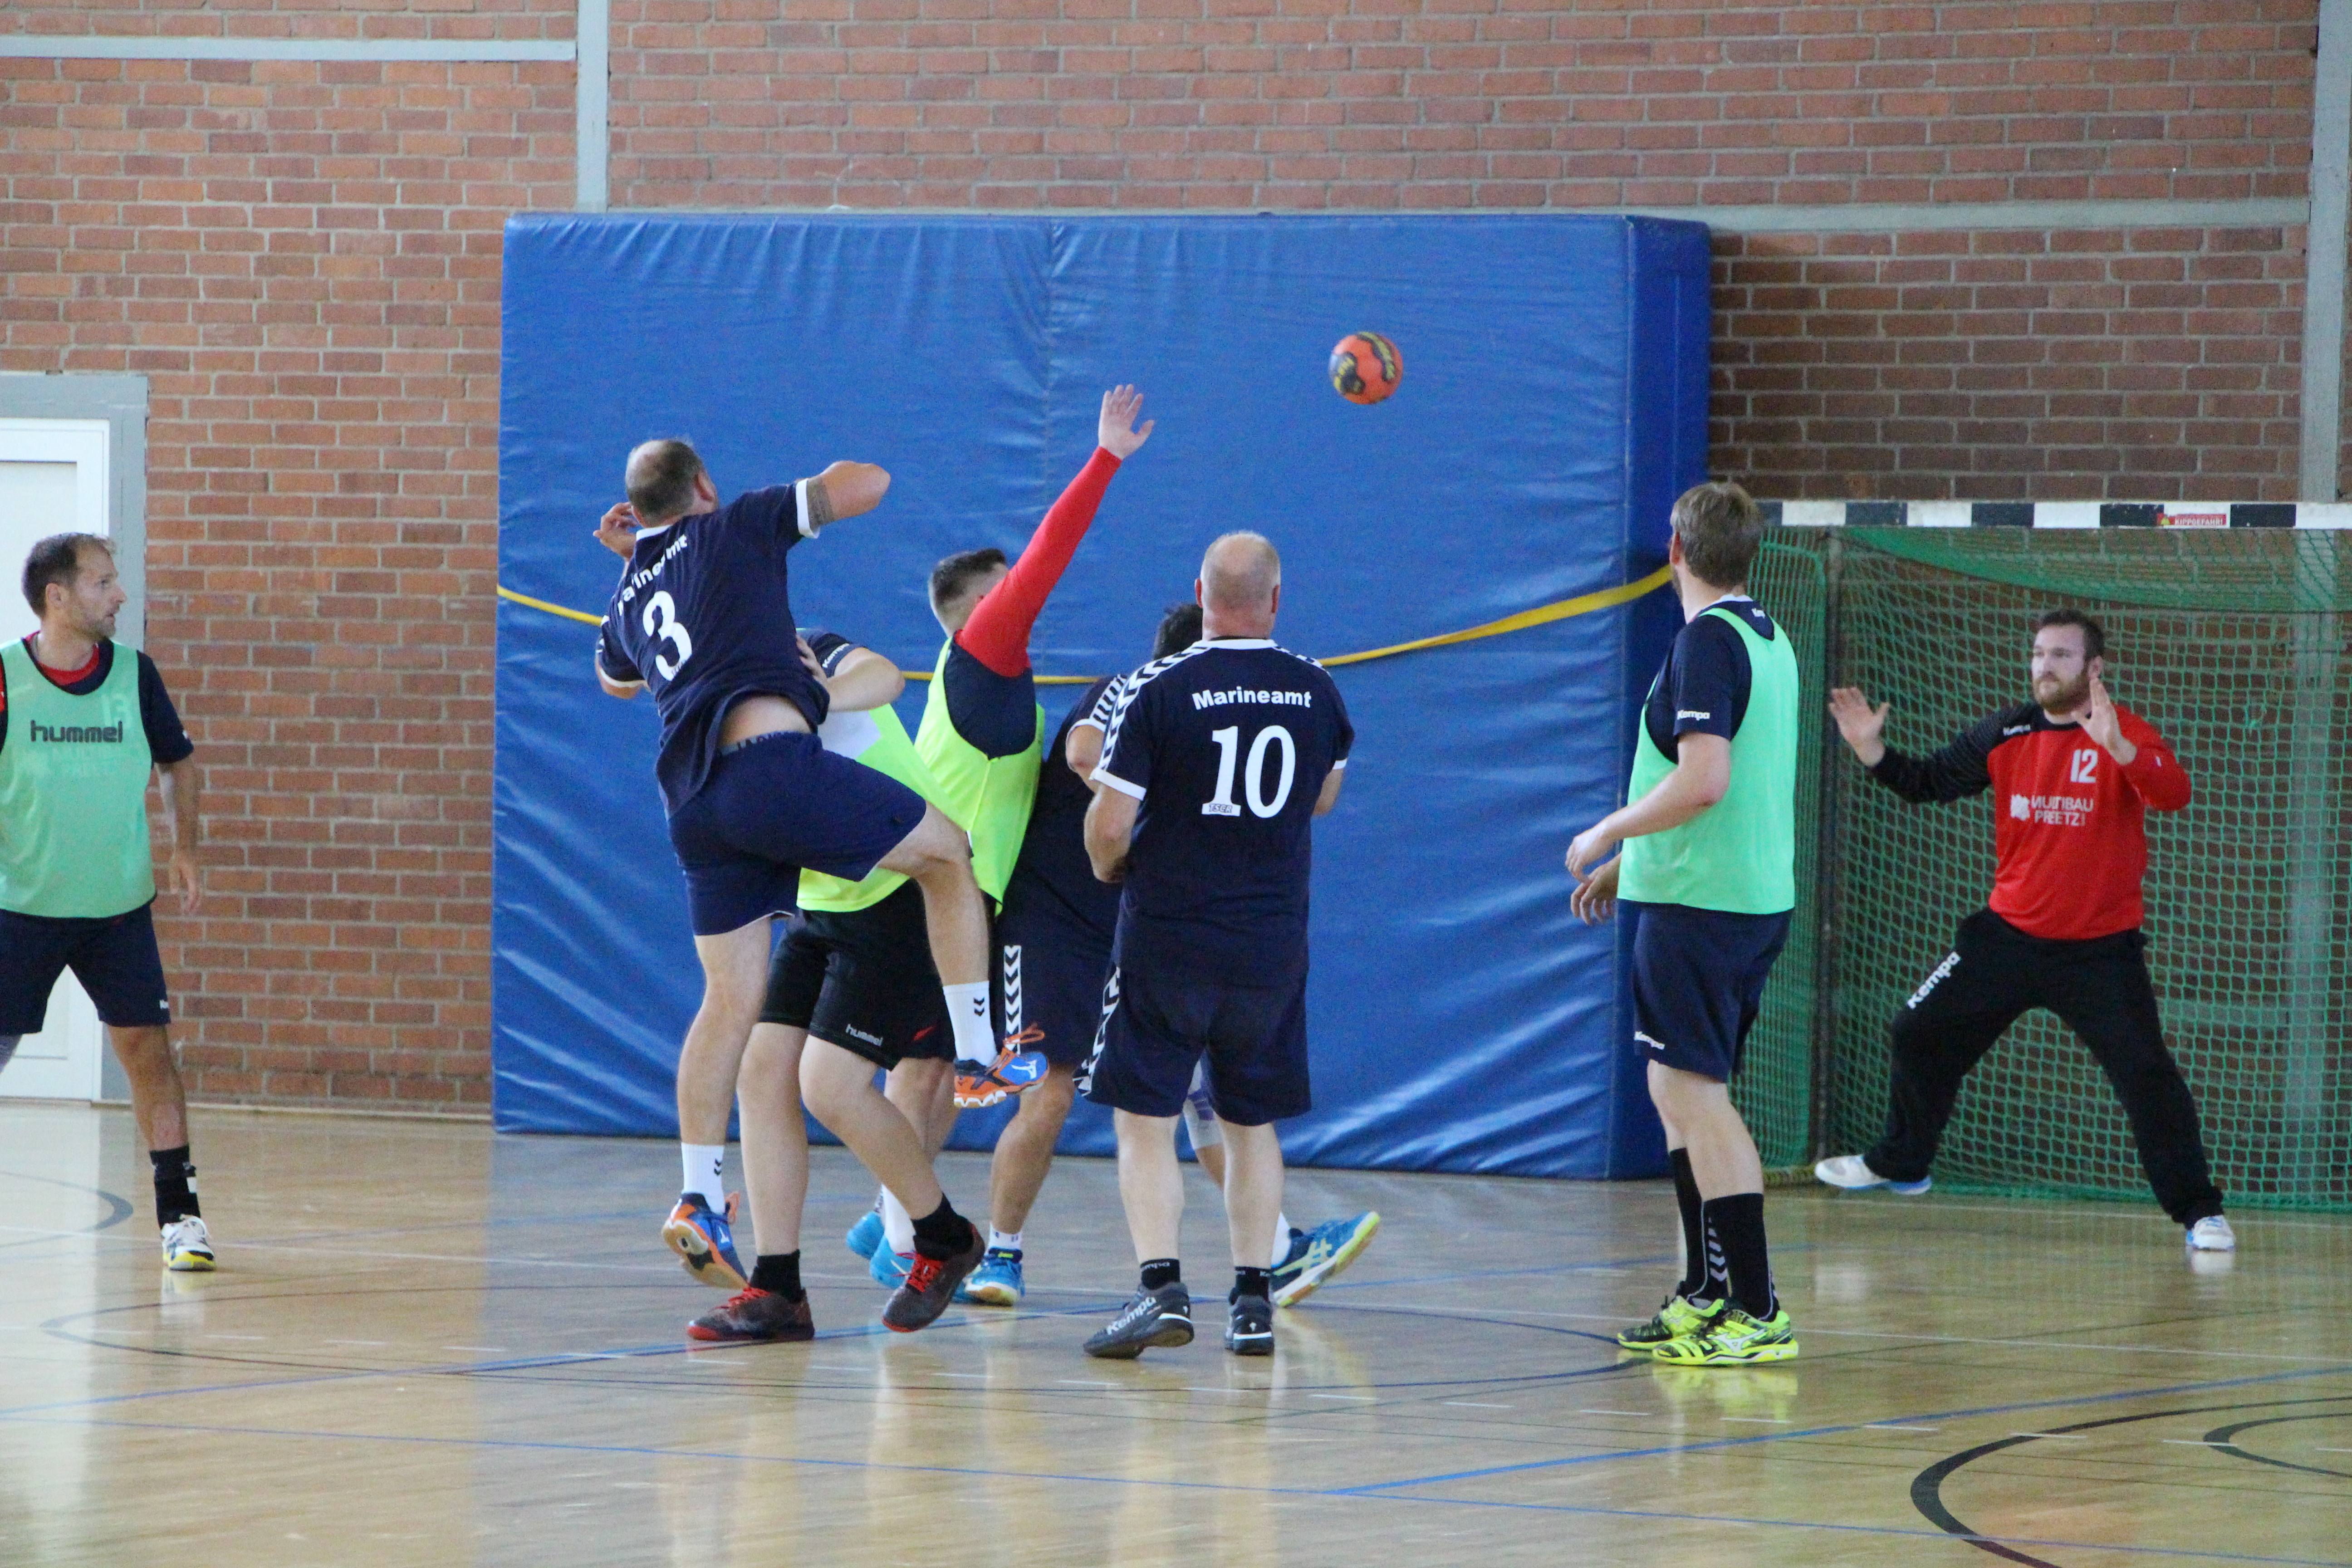 Knappe Entscheidungen, harte Fights, großer Erfolg Handballer setzen soziales Engagement fort